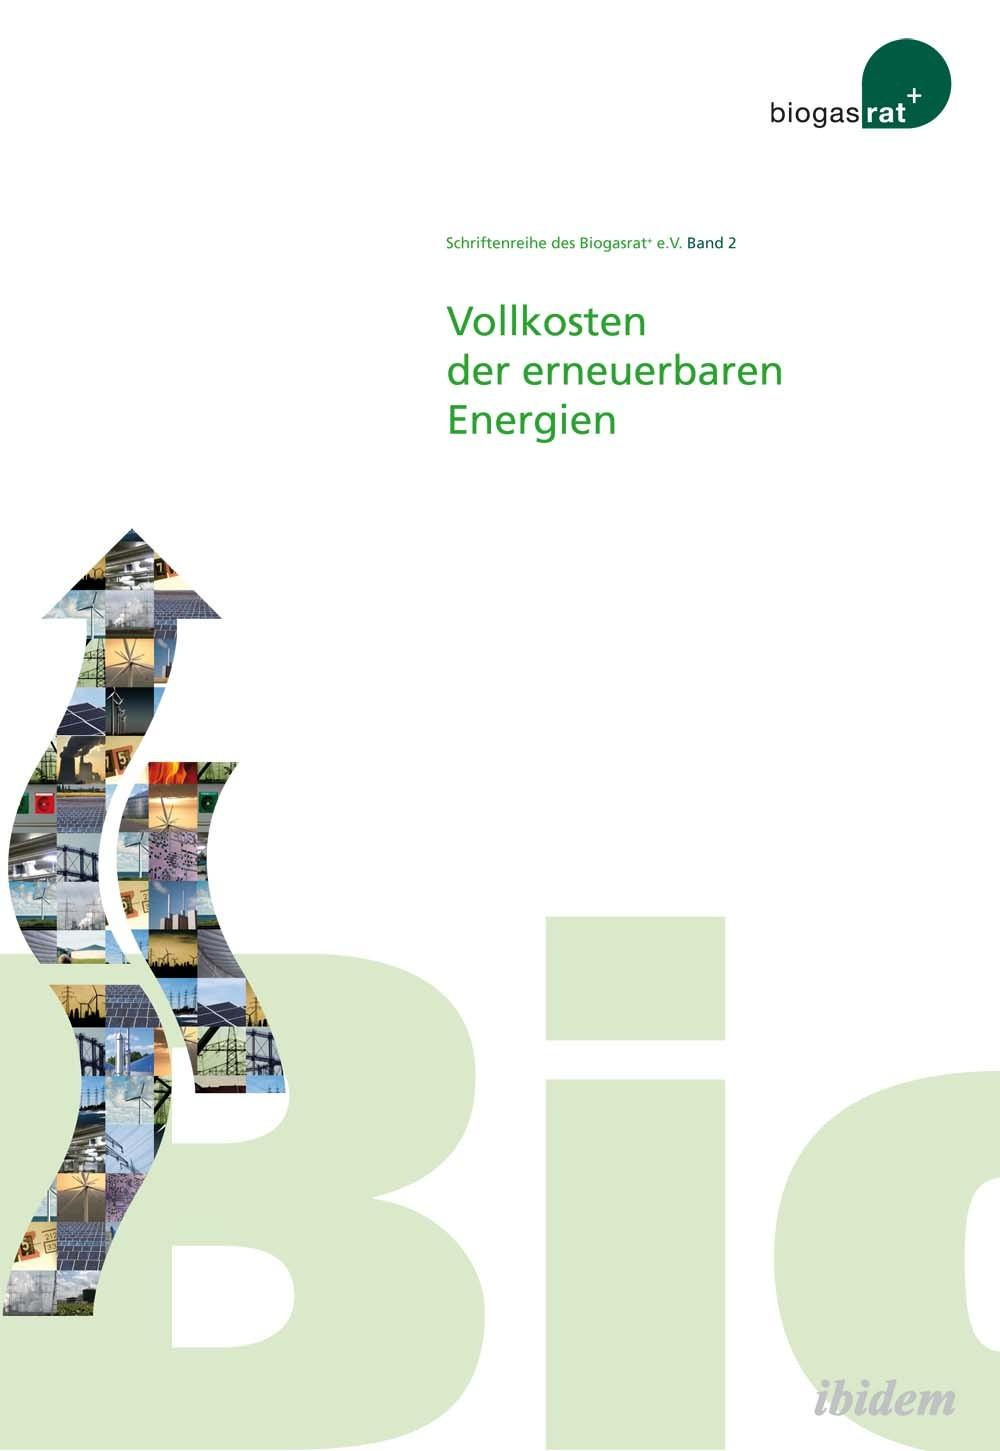 Vollkosten der erneuerbarer Energien